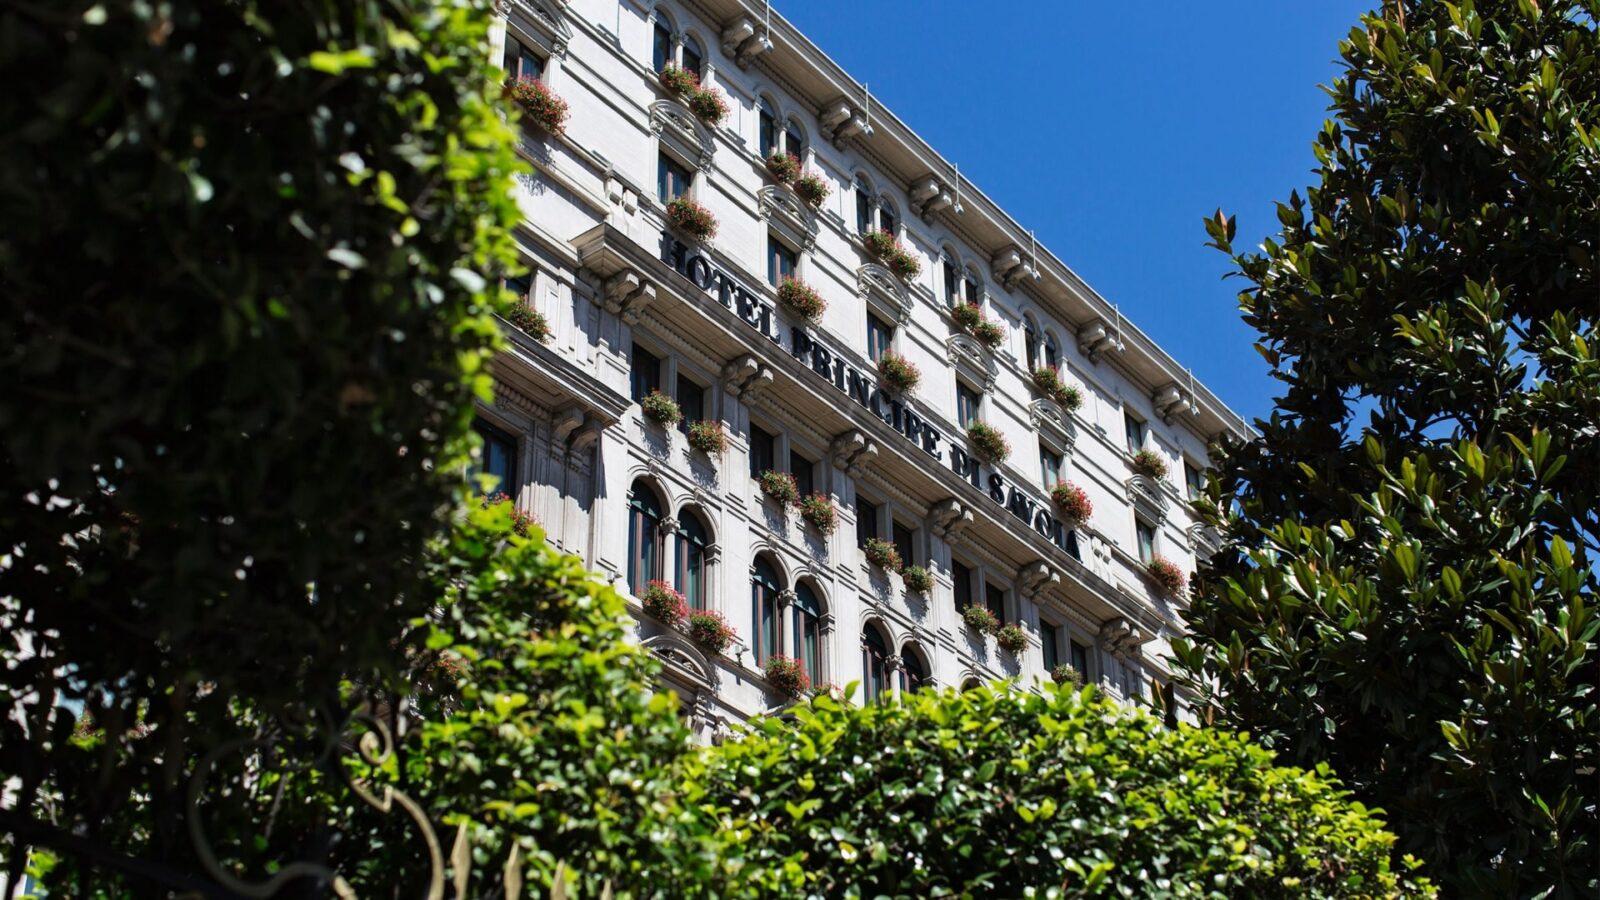 Hotel Principe di Savoia, Milan. Facade